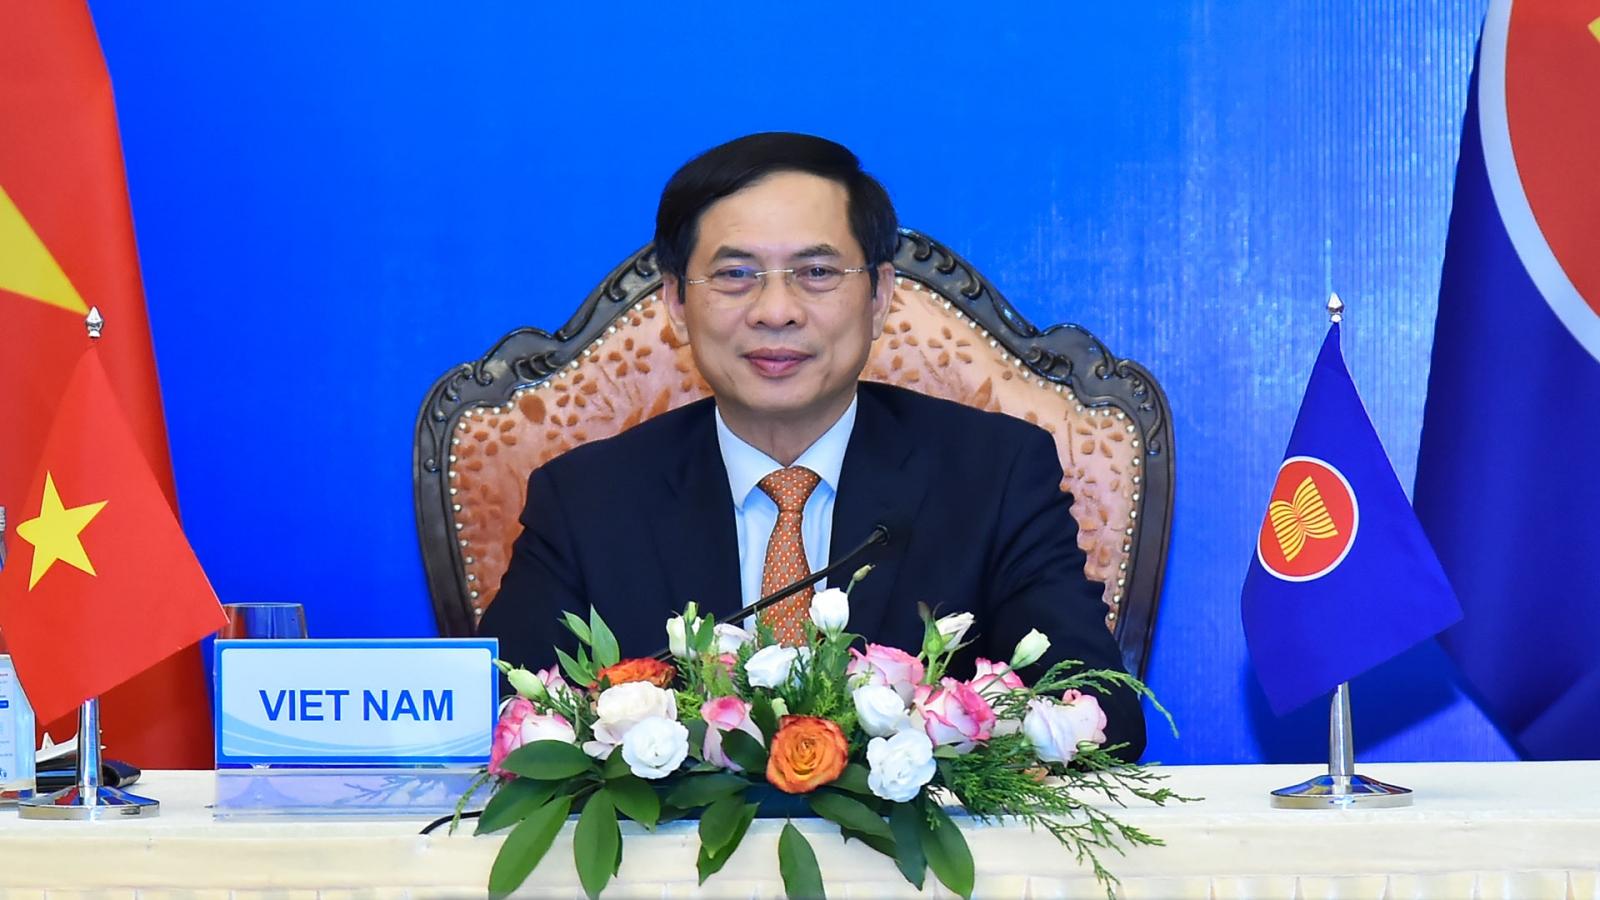 Hội nghị Bộ trưởng Ngoại giao ASEAN – Ấn Độ